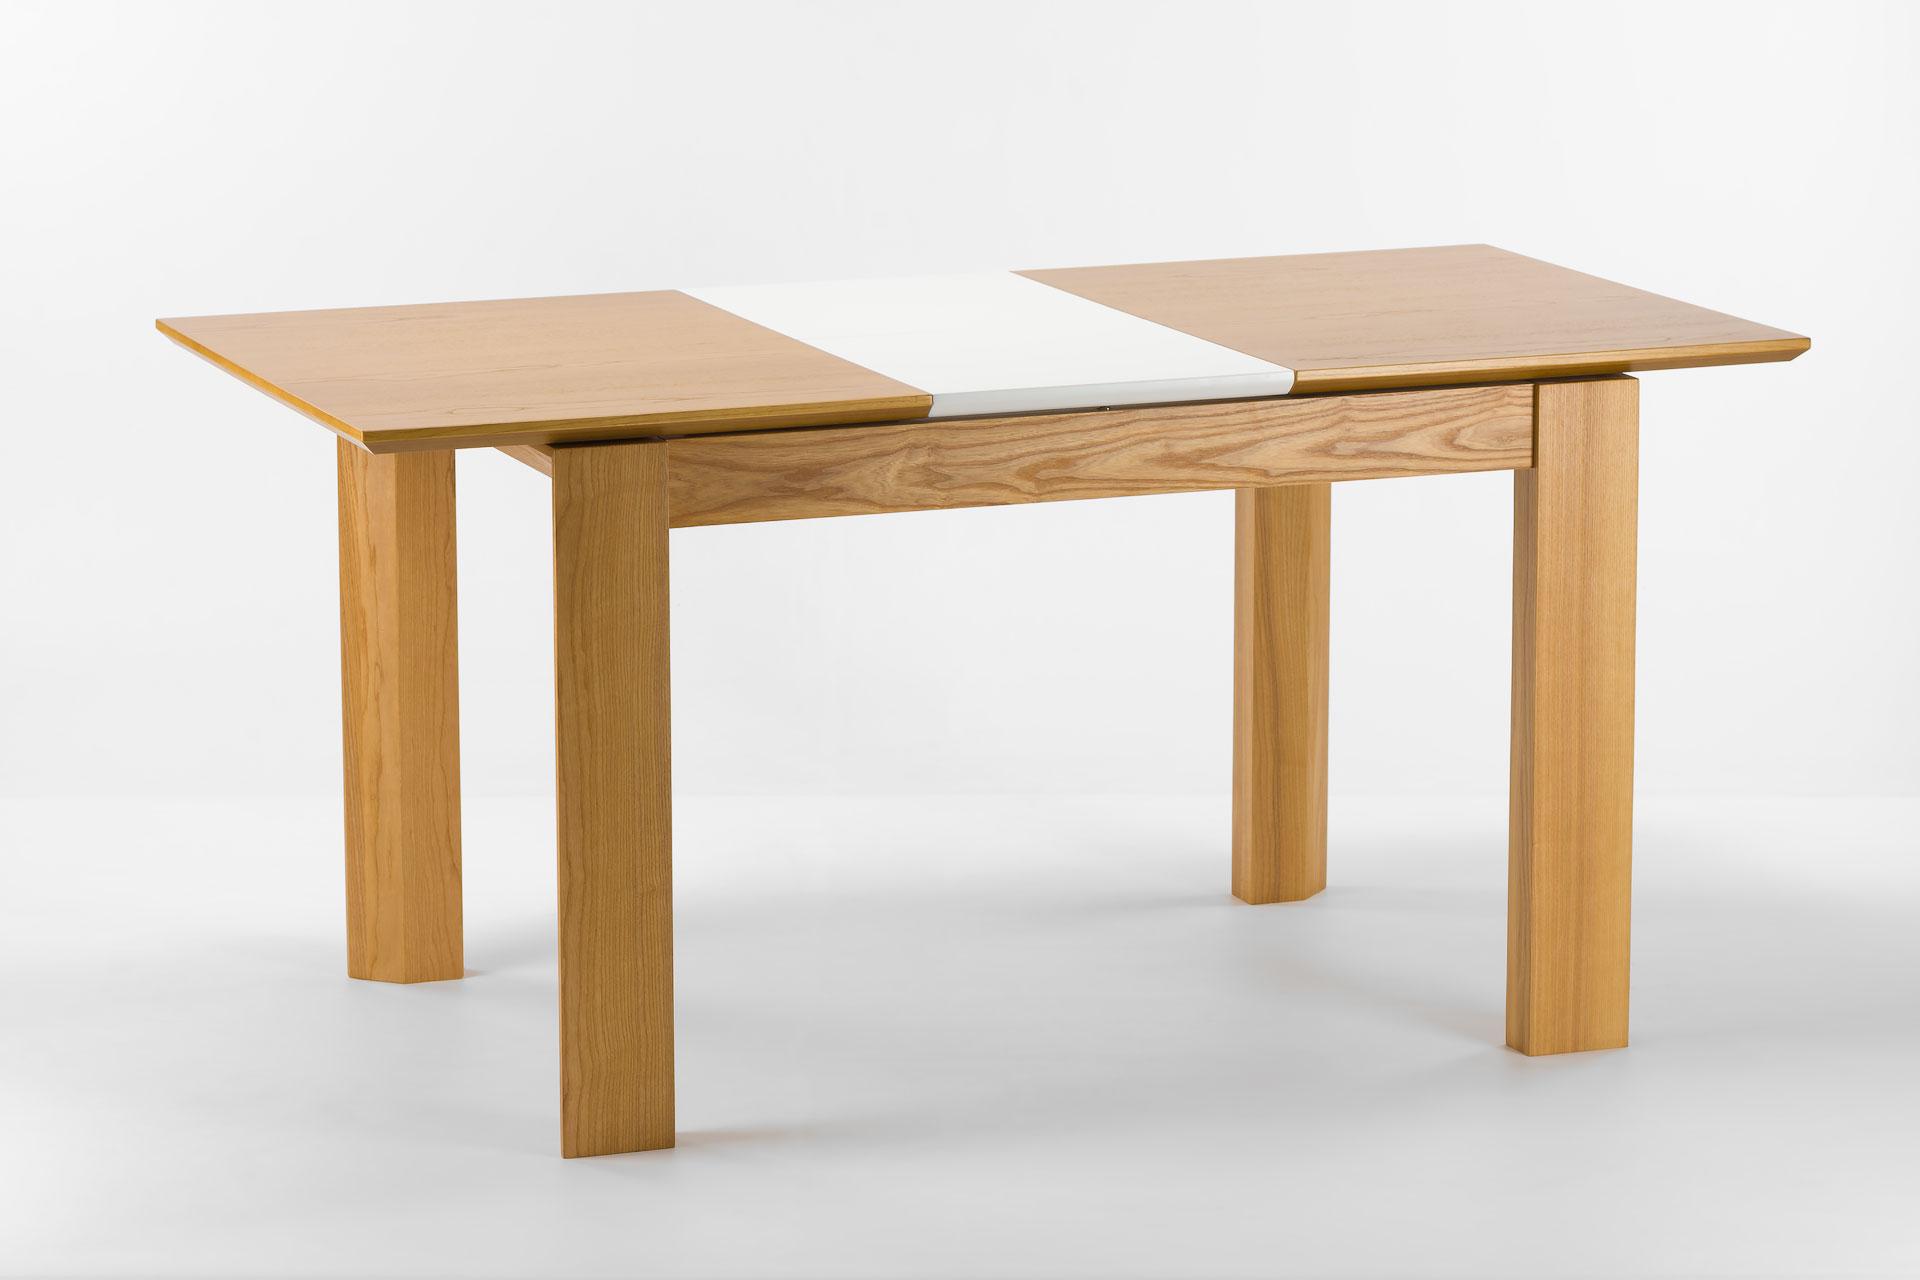 """Кухонный стол """"Милан-люкс"""" со шпонированной столешницей SE1405 и белой вставкой, разложенный"""